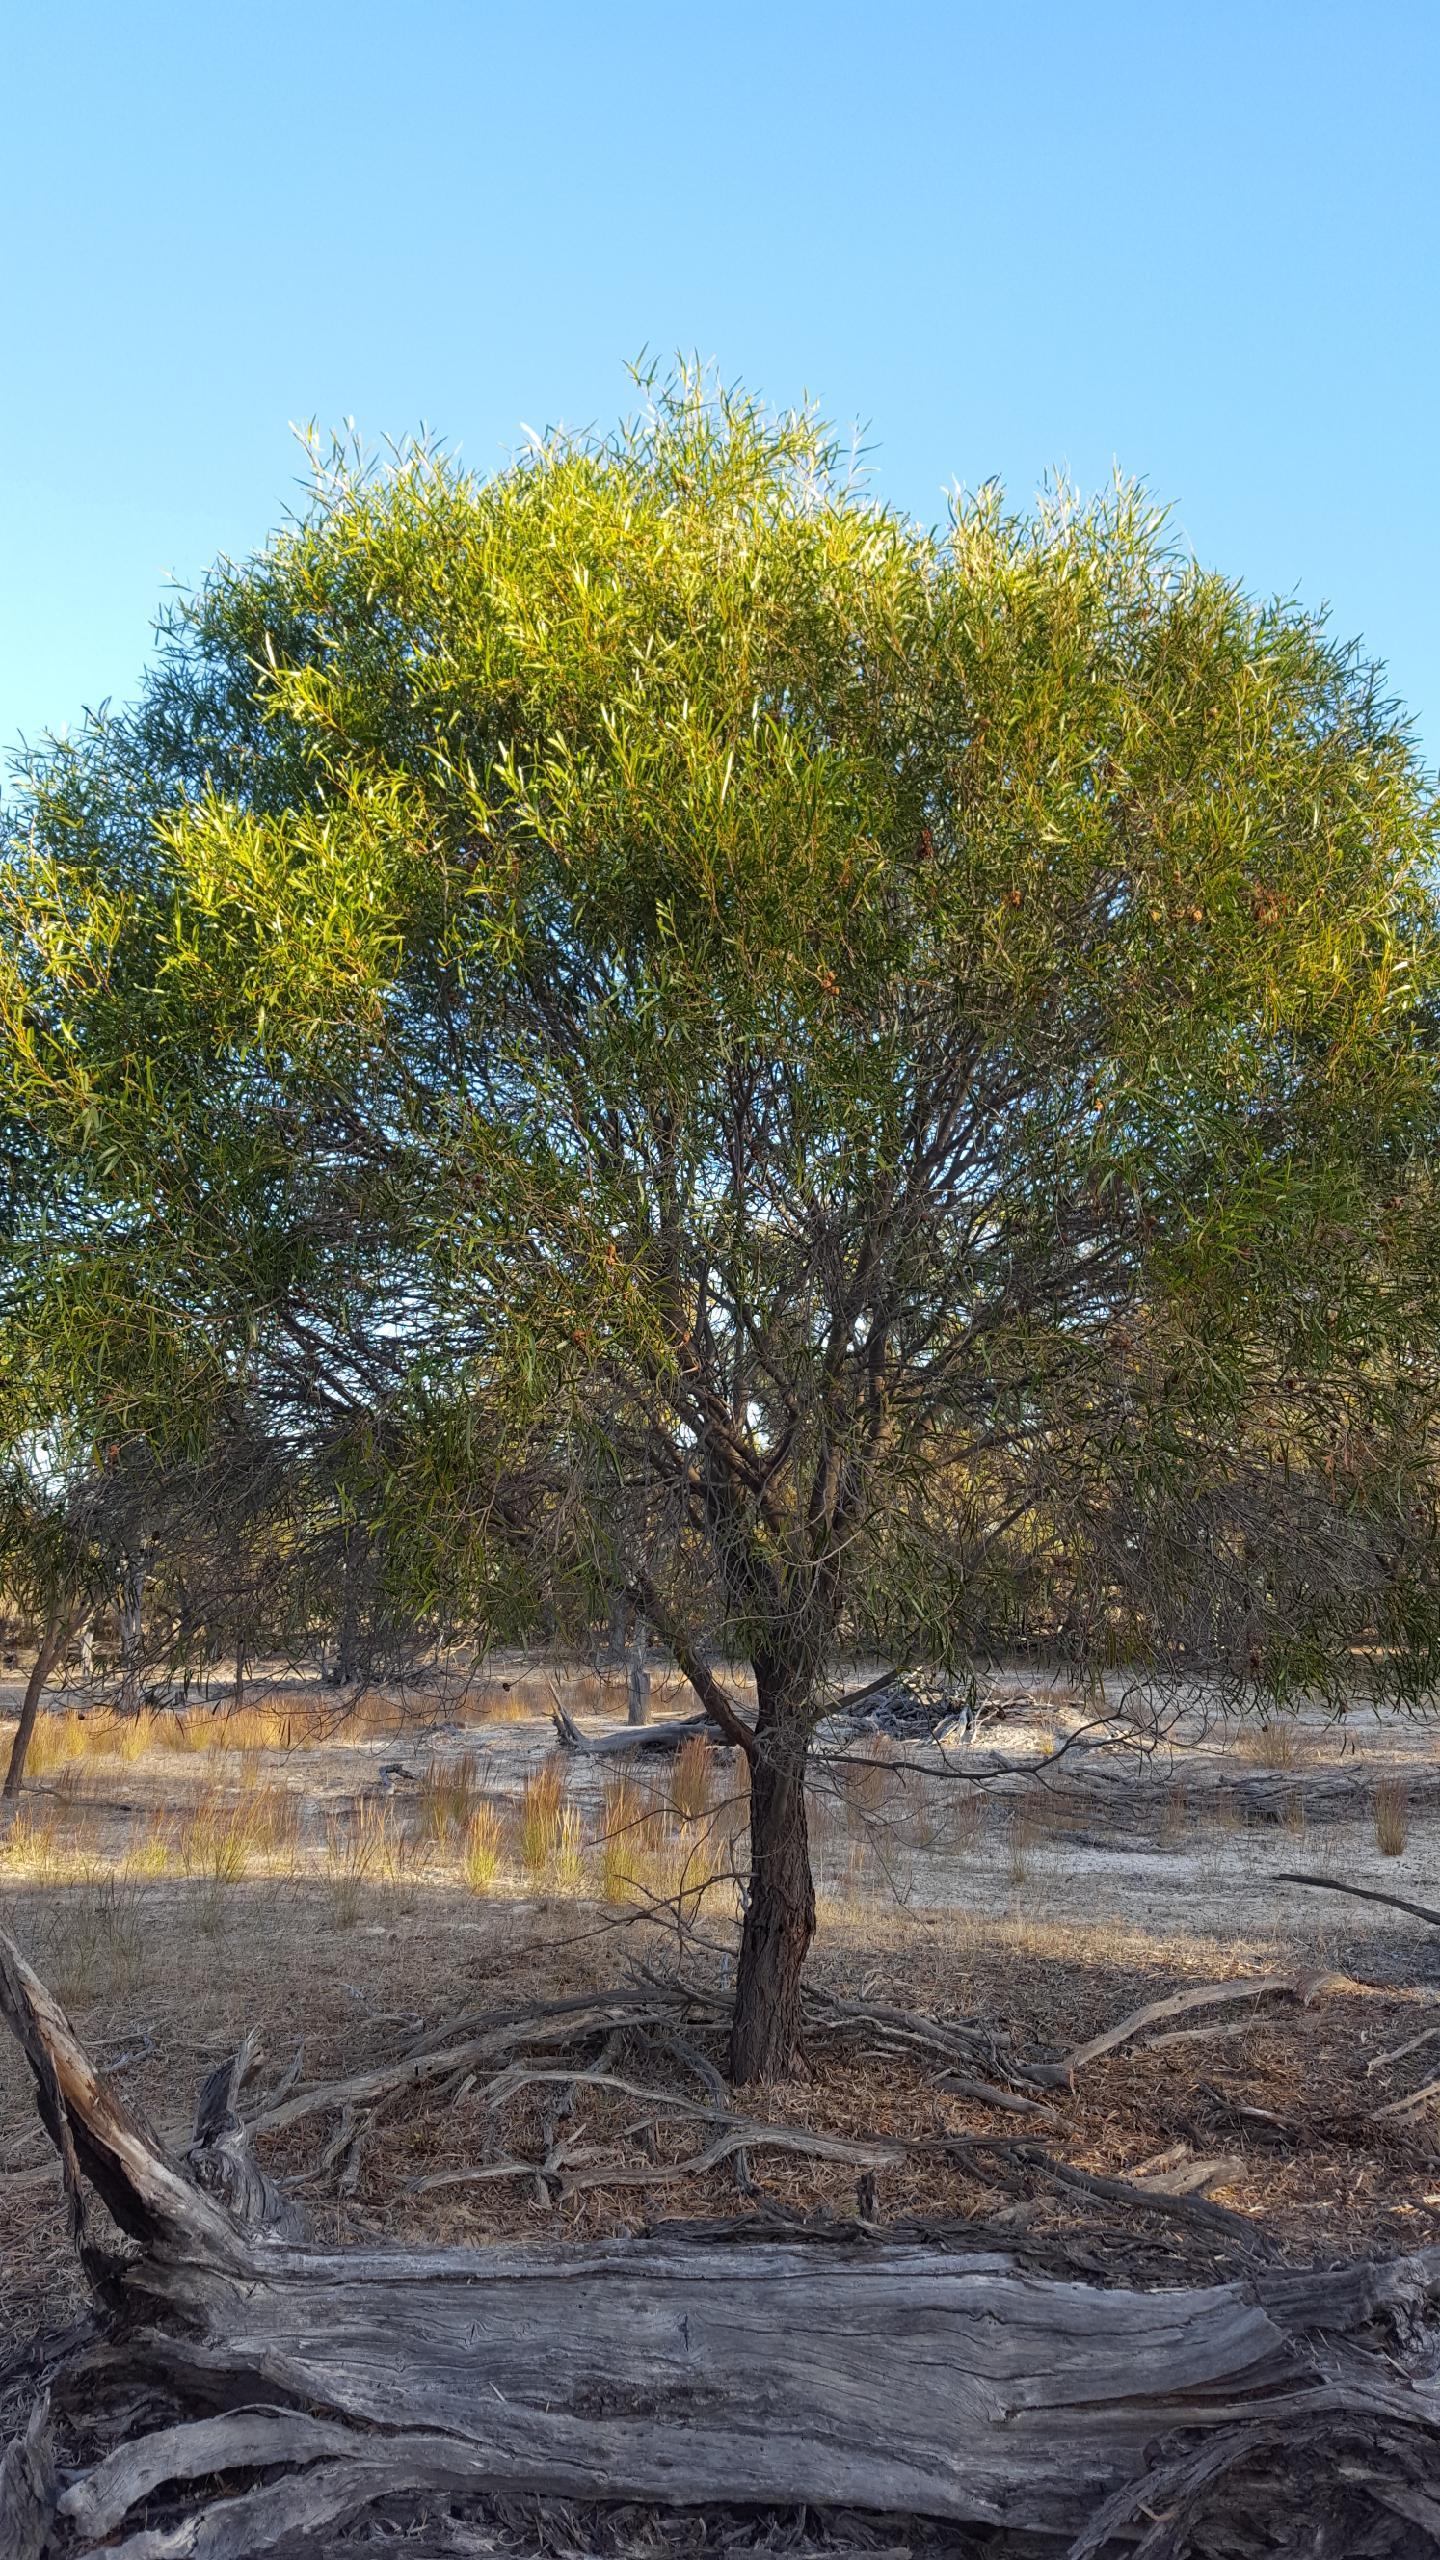 Acacia Acuminata Jam Wattle Jam Tree Westgrow Farm Trees